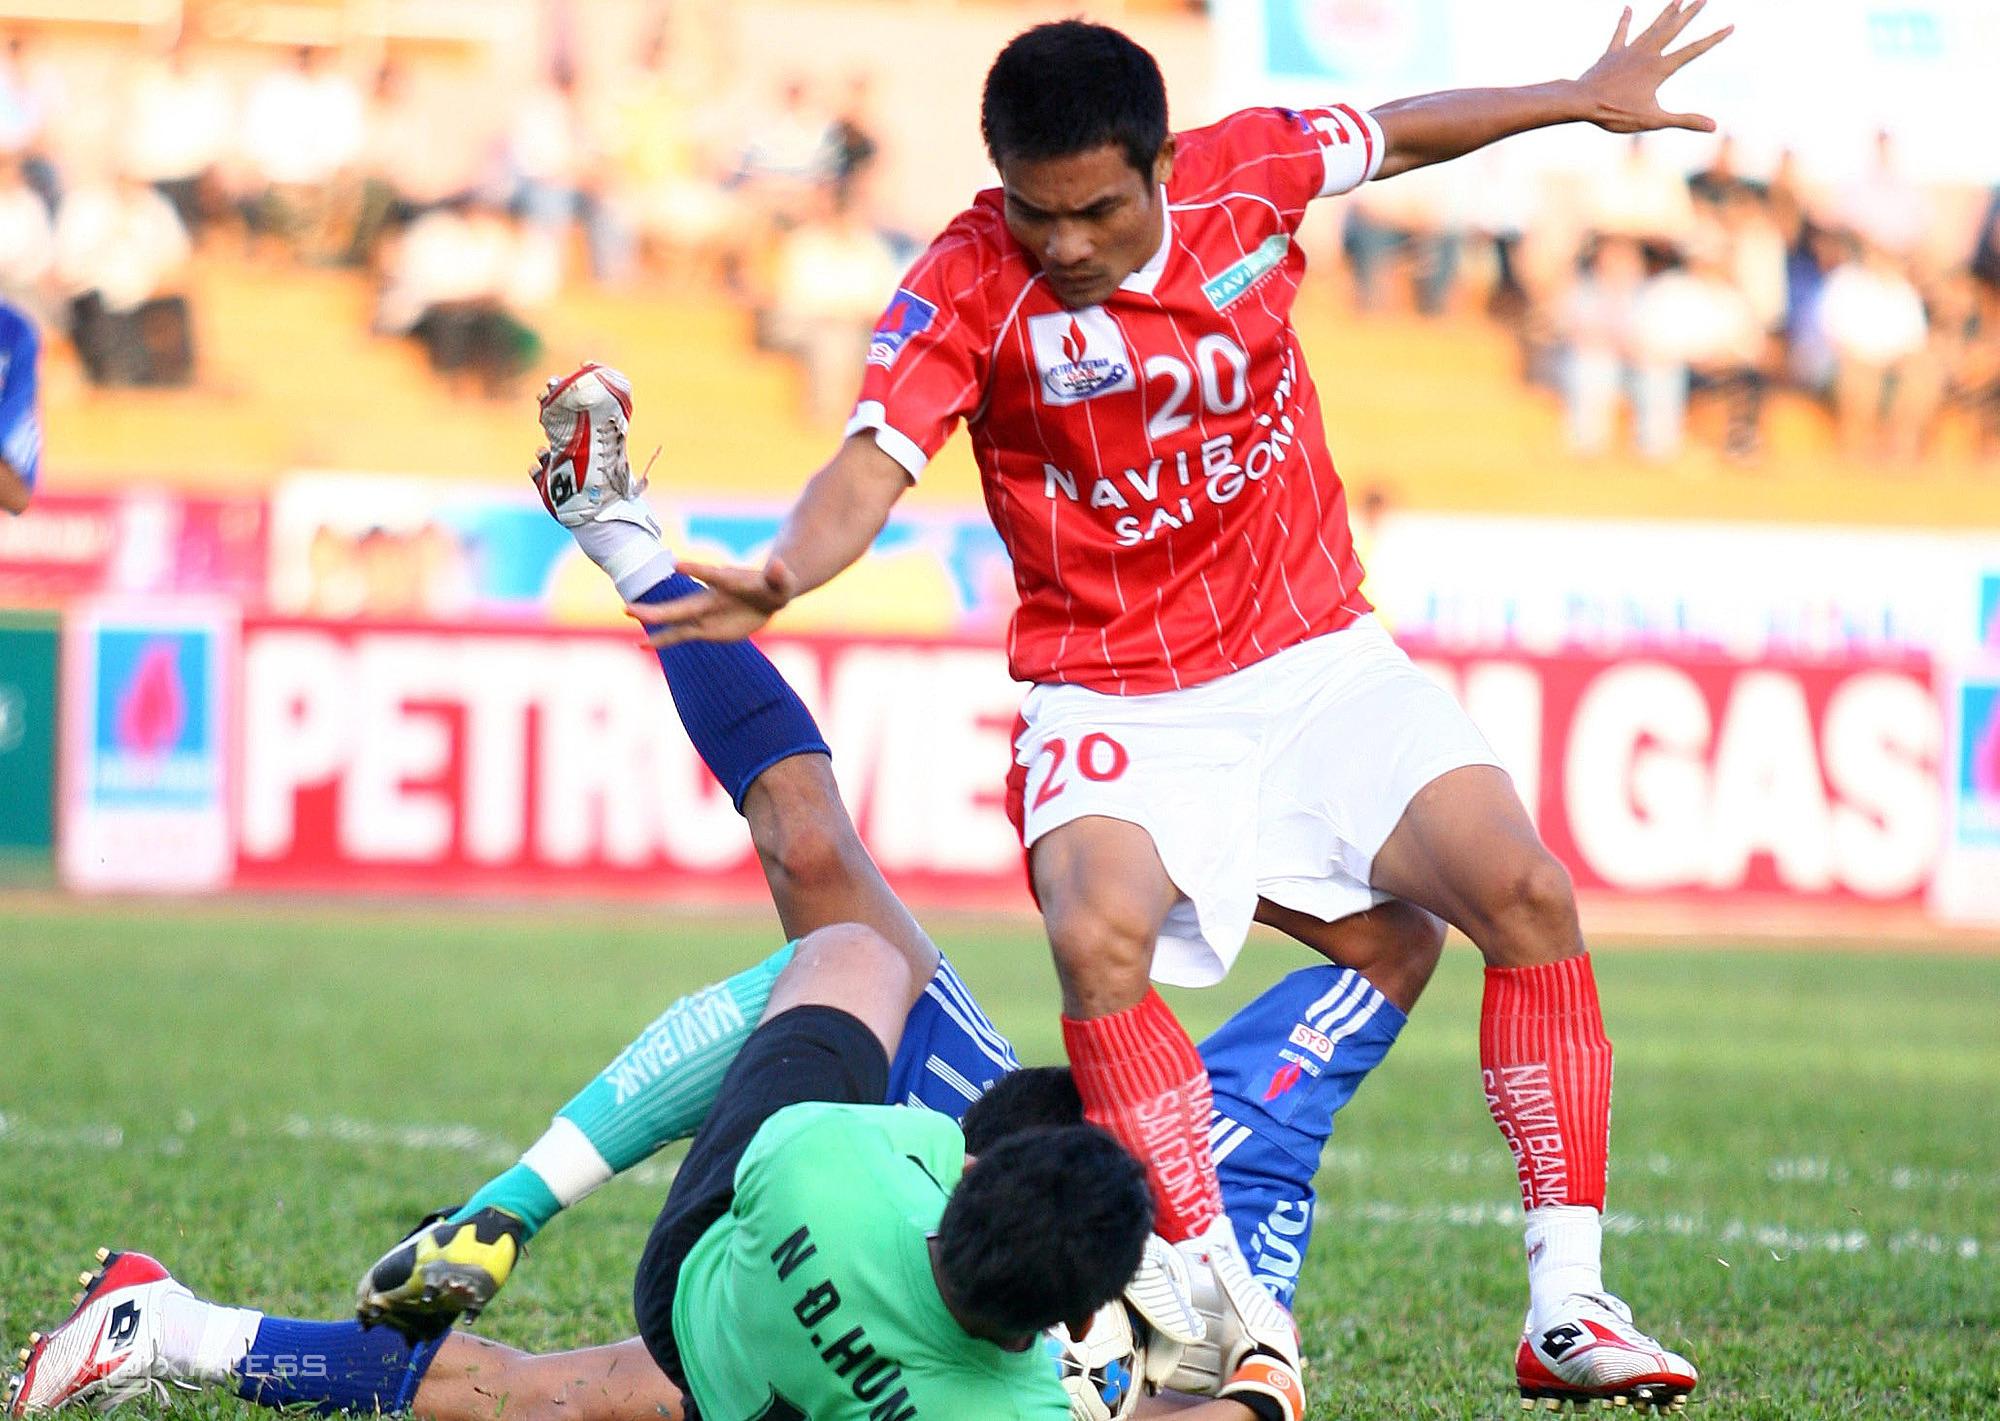 เมื่อ Dinh Luat (20) เล่นใน Navibank Saigon นาย Phung Thanh Phuong เป็นผู้ช่วยของทีมนี้  ภาพ: Duc Dong